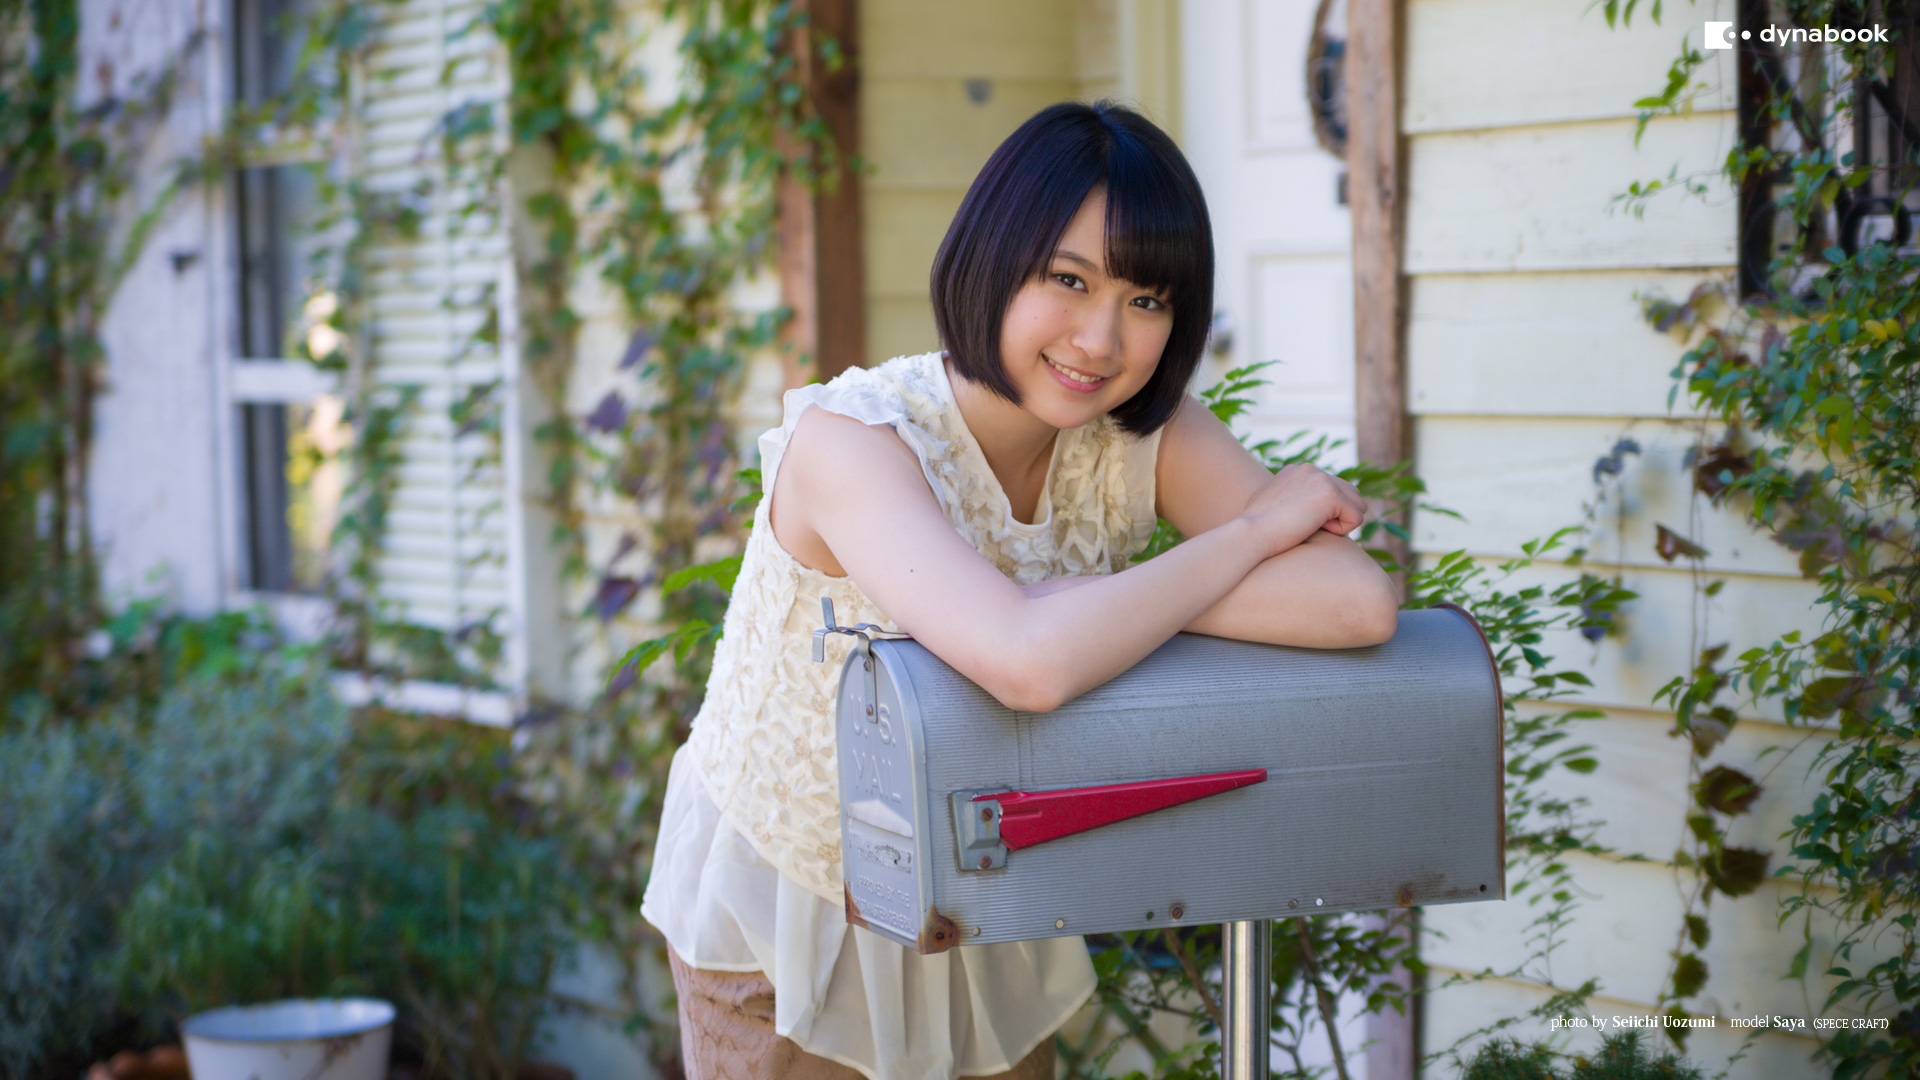 東芝 Dynabook Com Kira Digital Art Museum Dynabookユーザー用オリジナル壁紙ダウンロード